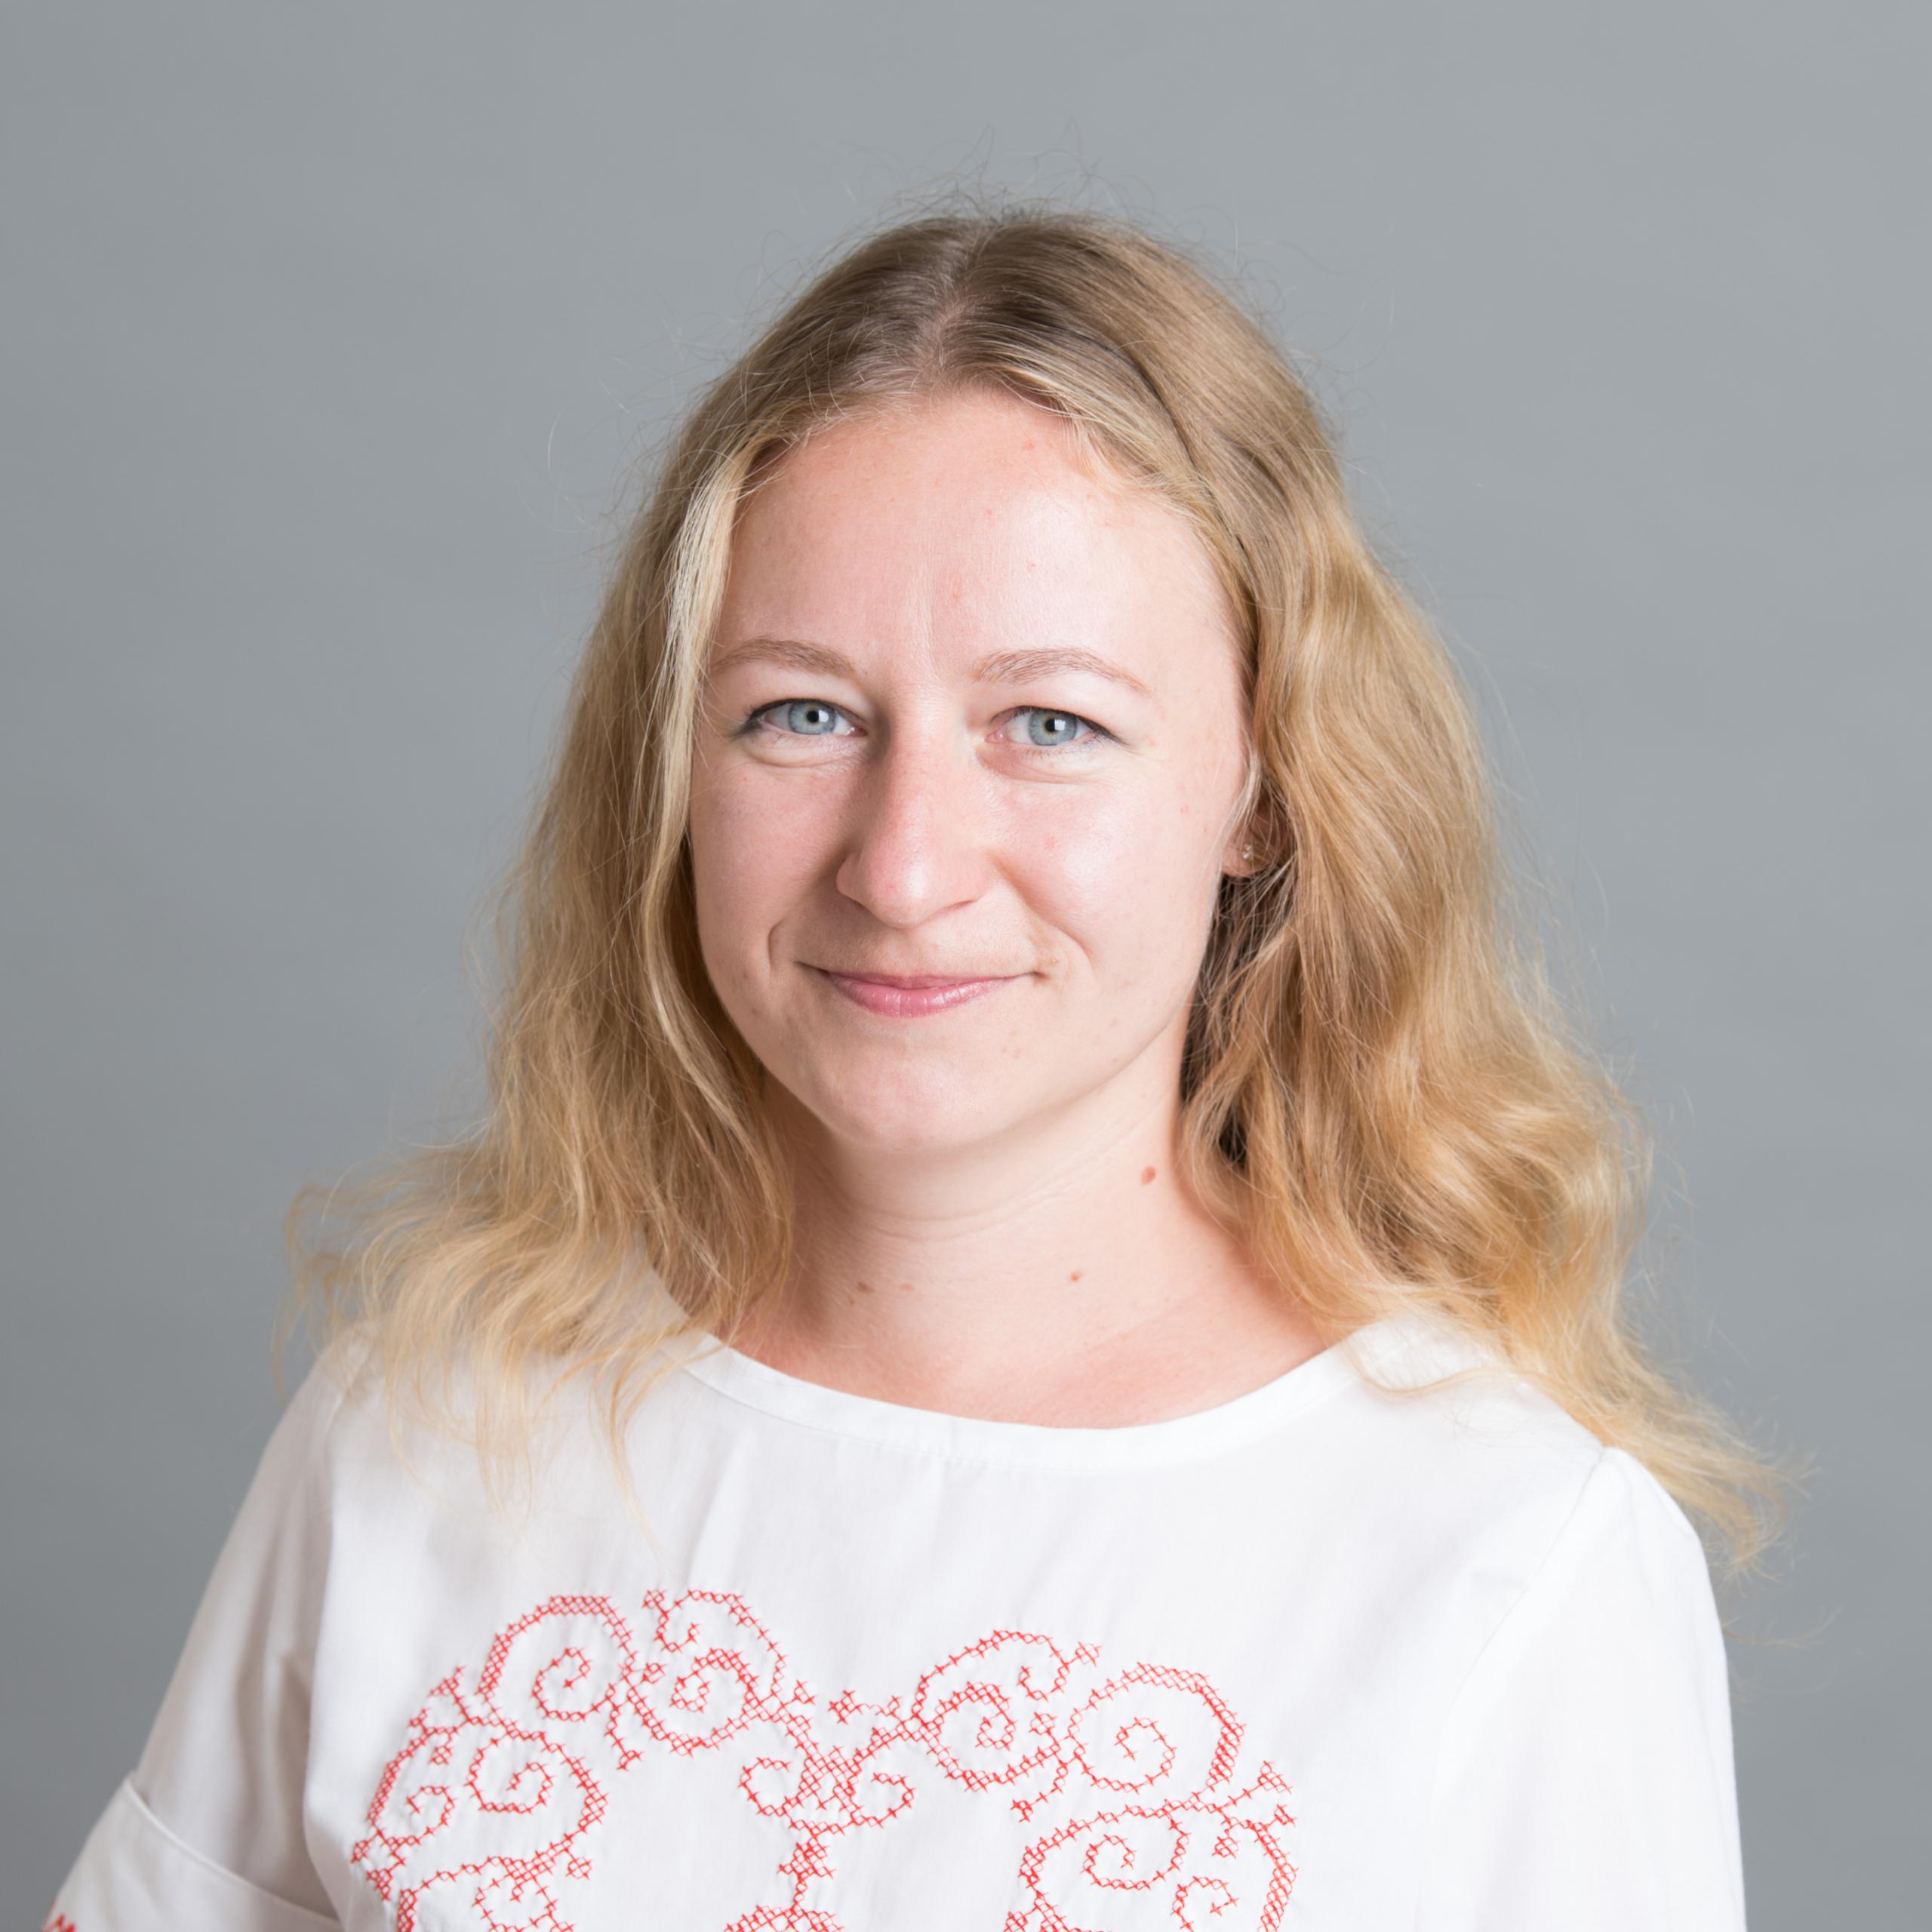 Natalia Podoliak